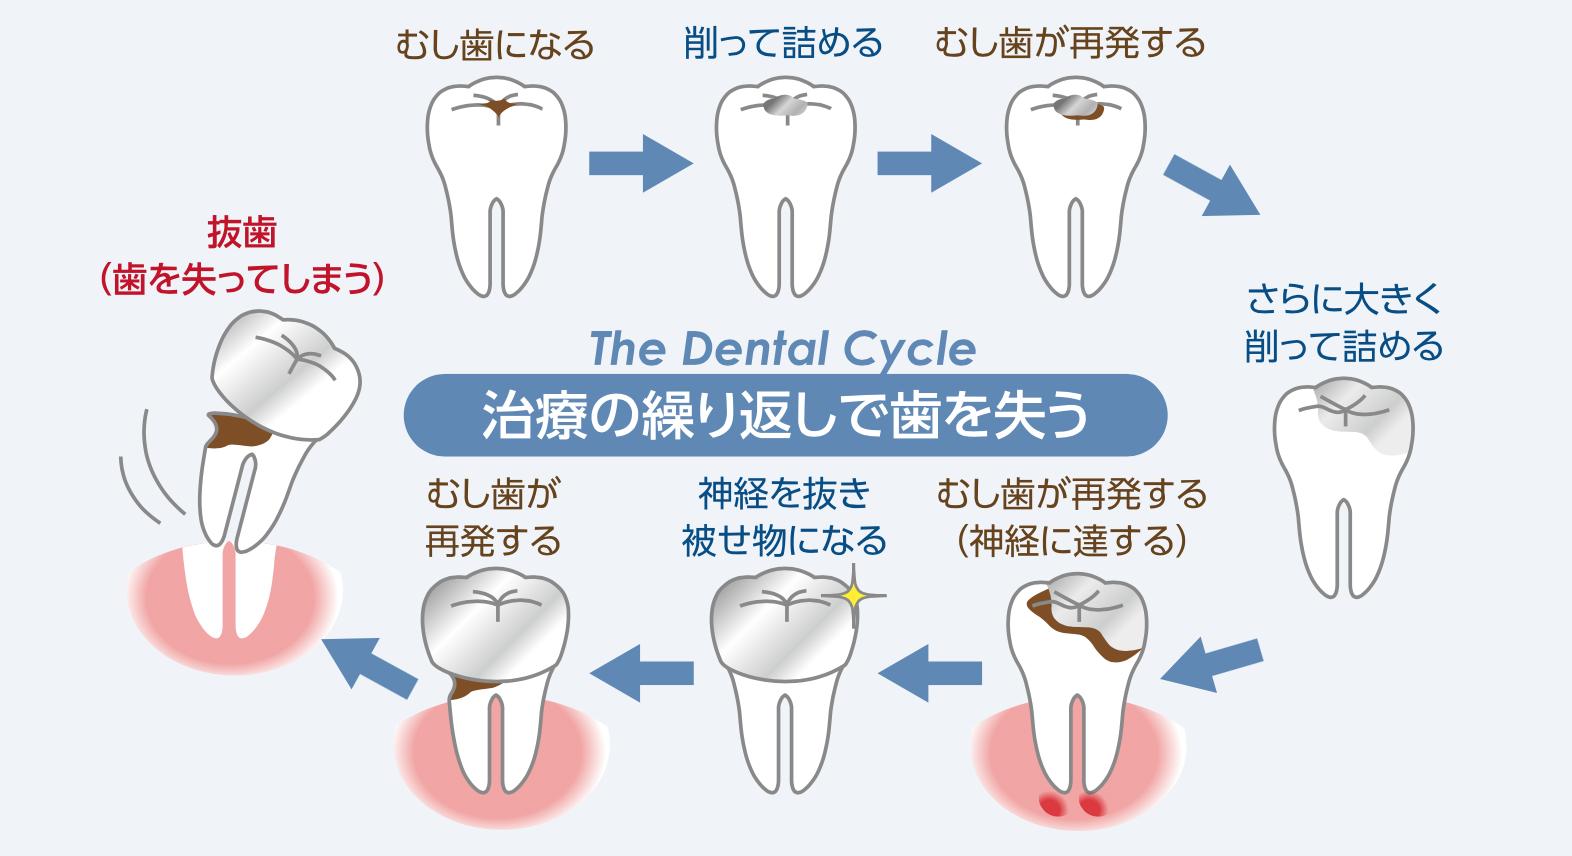 即日で銀歯を白い歯に!? 〜ダイレクトボンディング〜